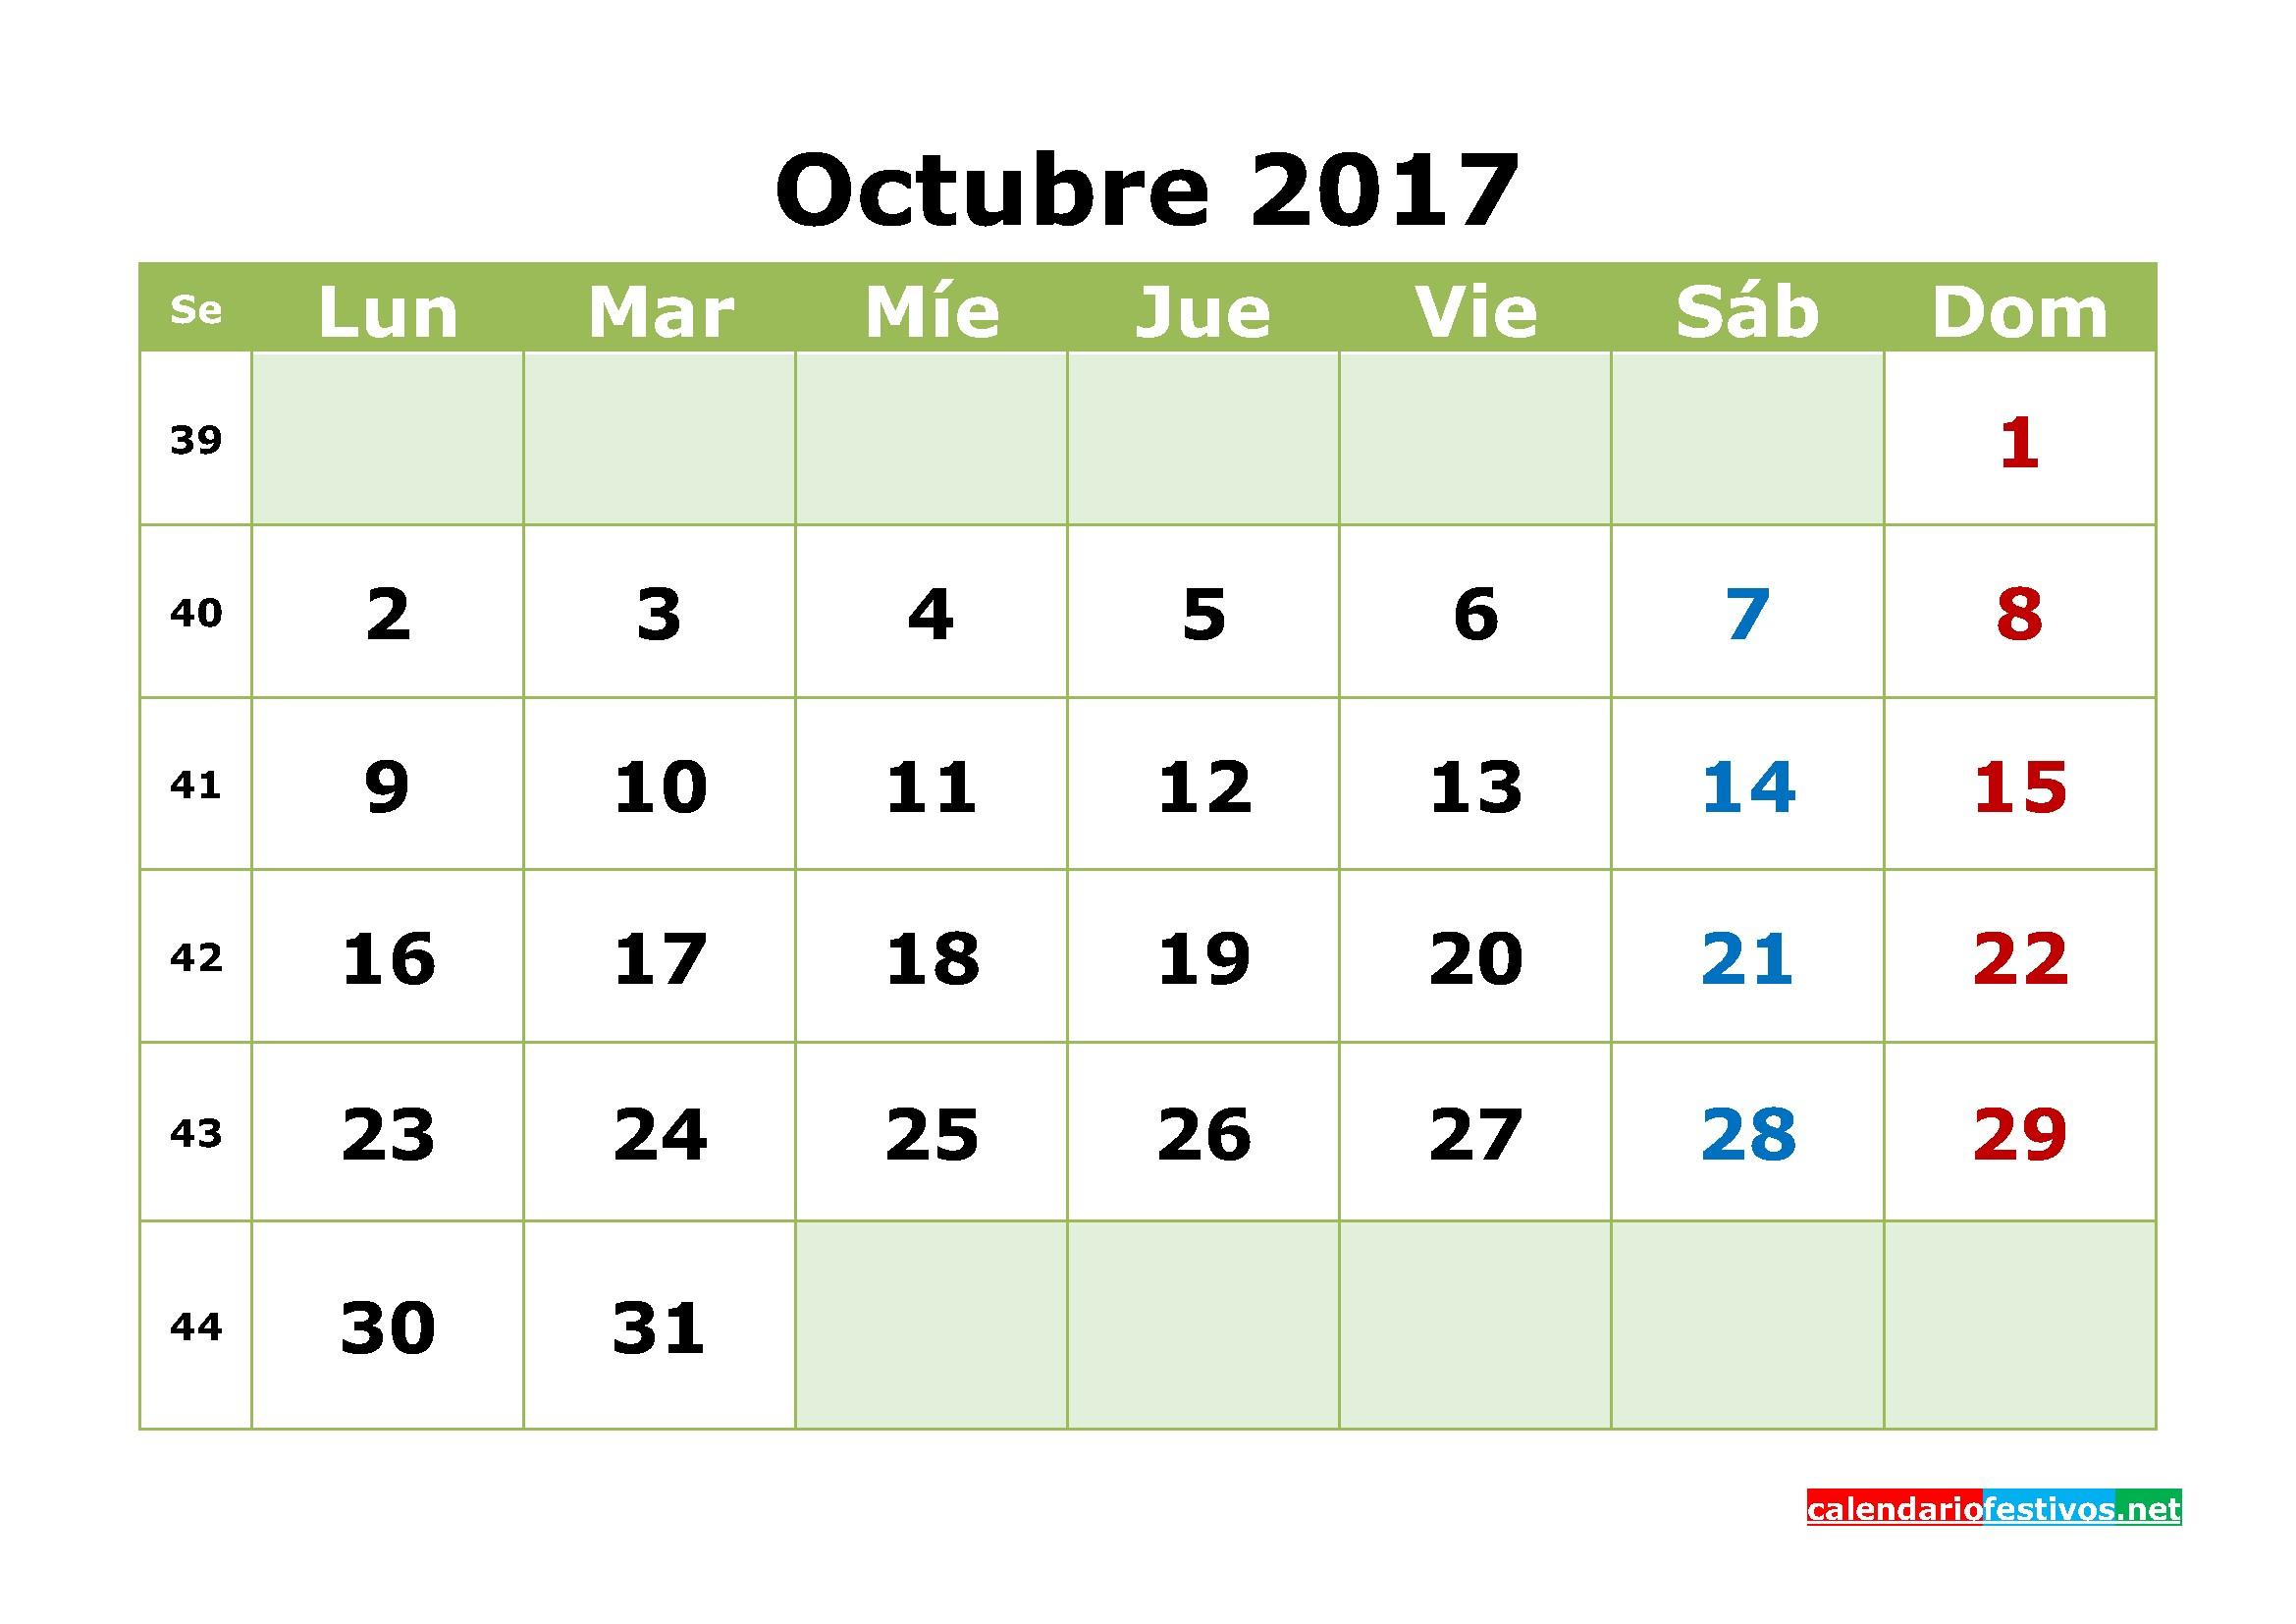 Calendario Imprimir 2017 Pdf Más Populares Calendario Octubre 2017 Para Imprimir Calendario Mensual 2017 Gratis